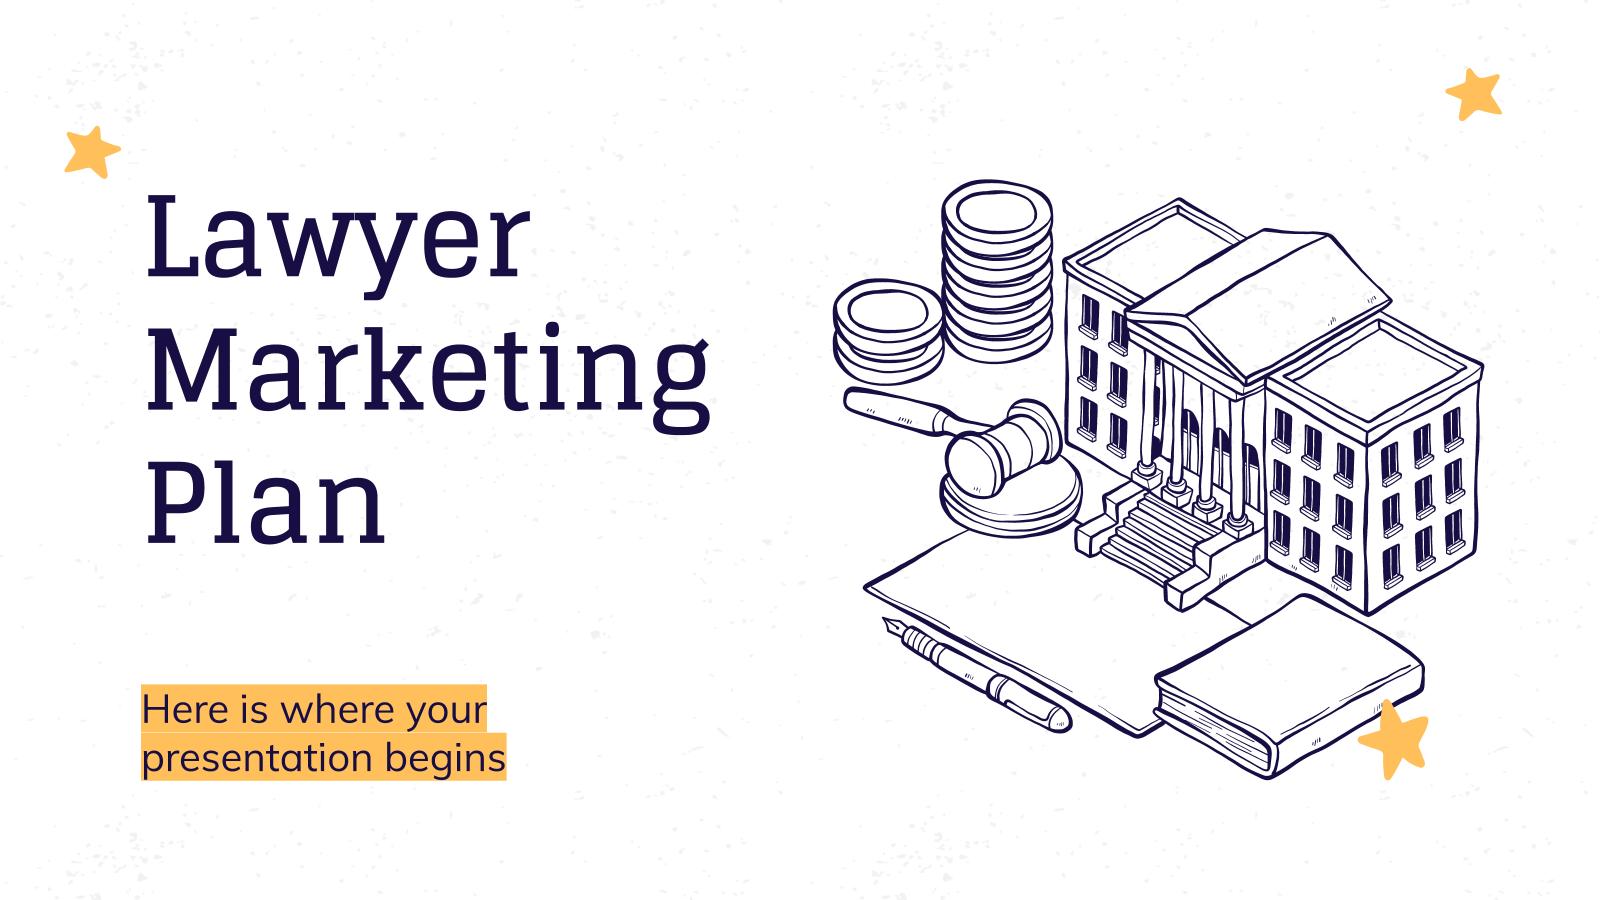 Plan marketing pour les avocats : Modèles de présentation